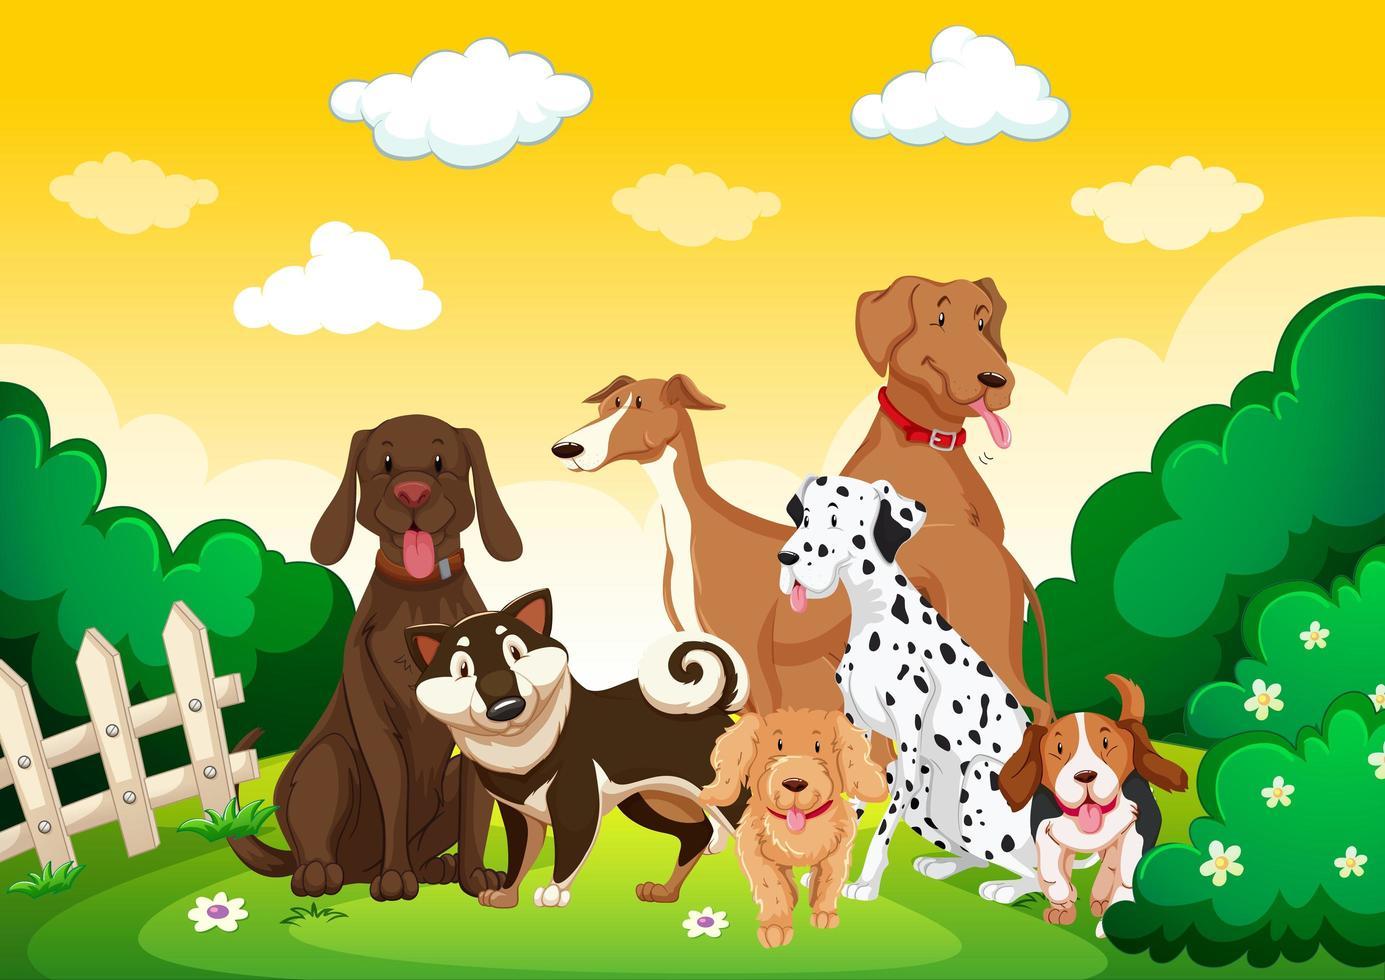 hundgrupp i trädgårdsplatsen vektor